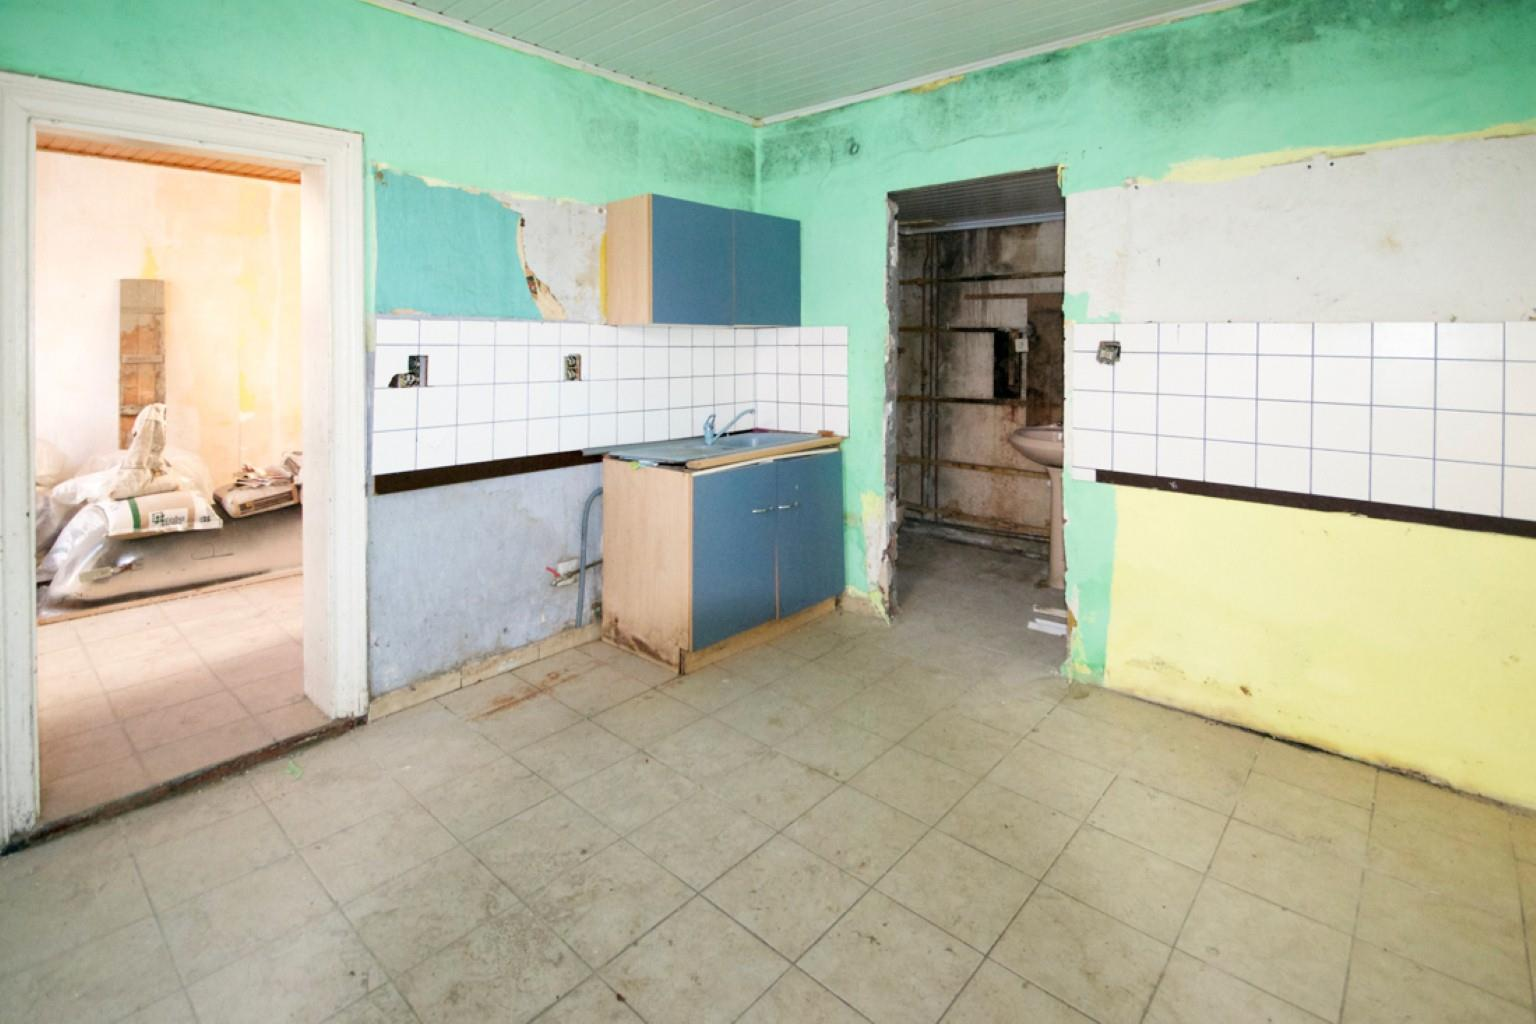 Maison - Forchies-la-Marche - #2985531-3